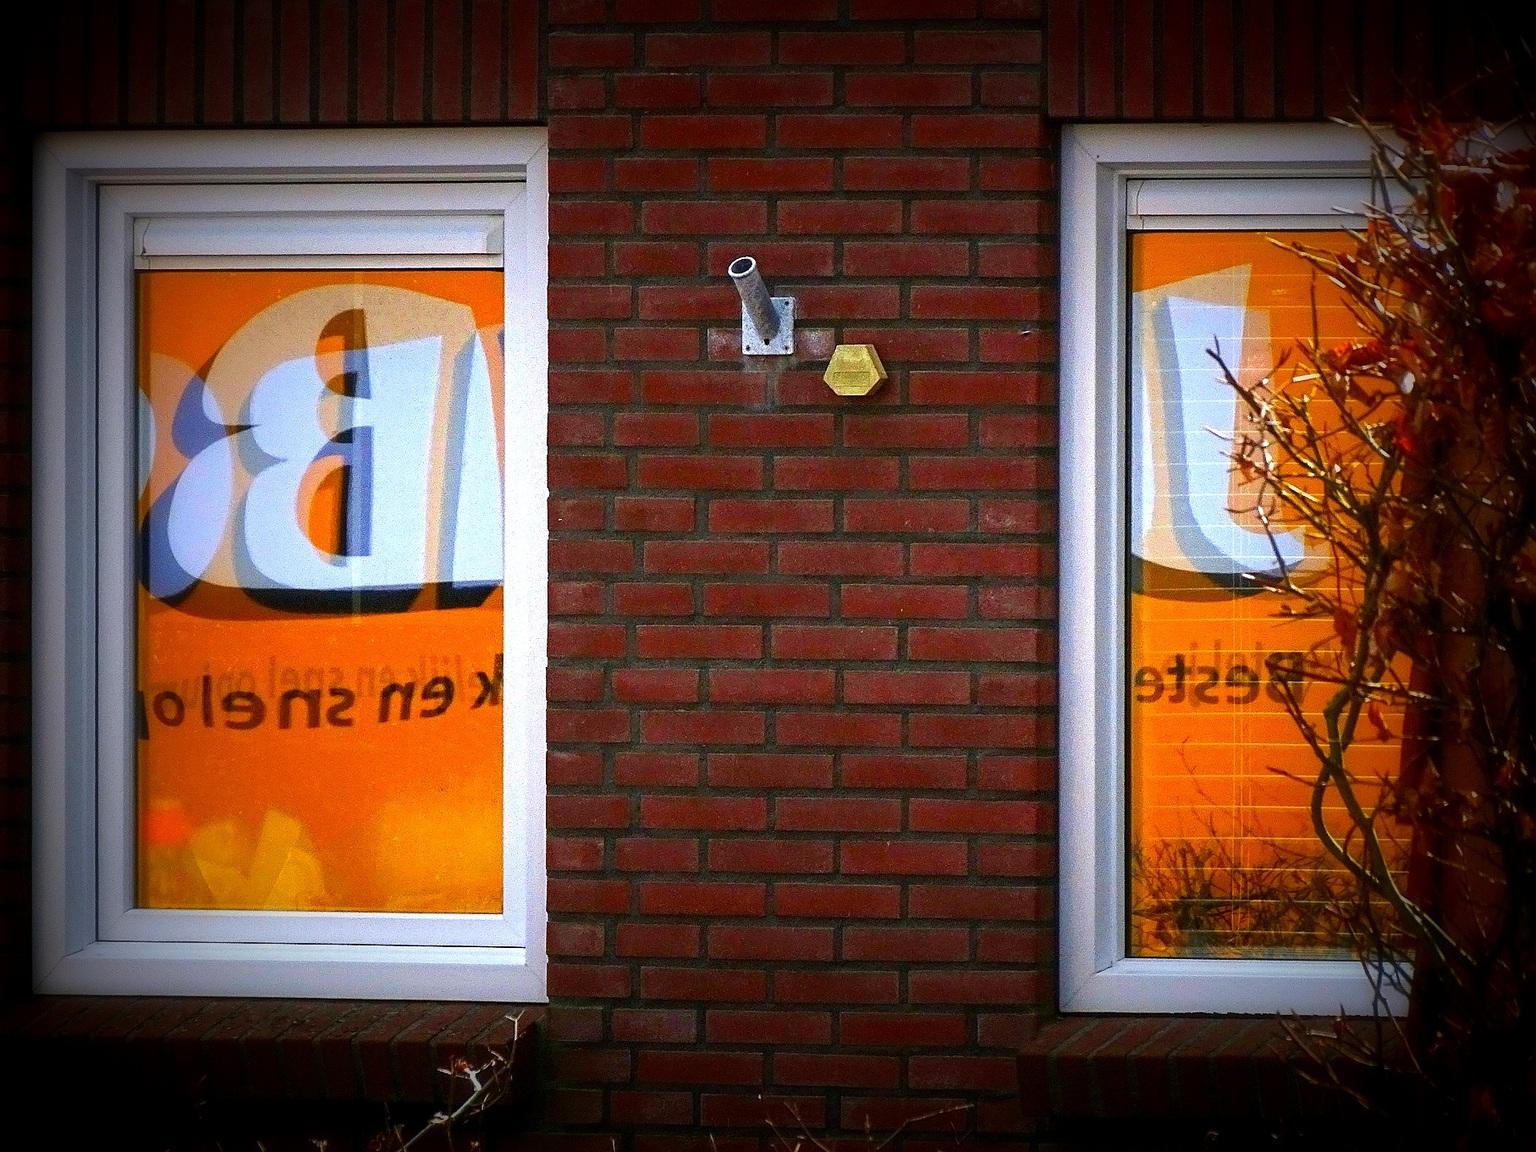 24 uurs economie - Thuisbezorgt. - foto door jan.pijper op 15-04-2021 - locatie: 9909 Spijk, Nederland - deze foto bevat: bruin, venster, hout, amber, oranje, armatuur, rechthoek, fabriek, verlichting, steen